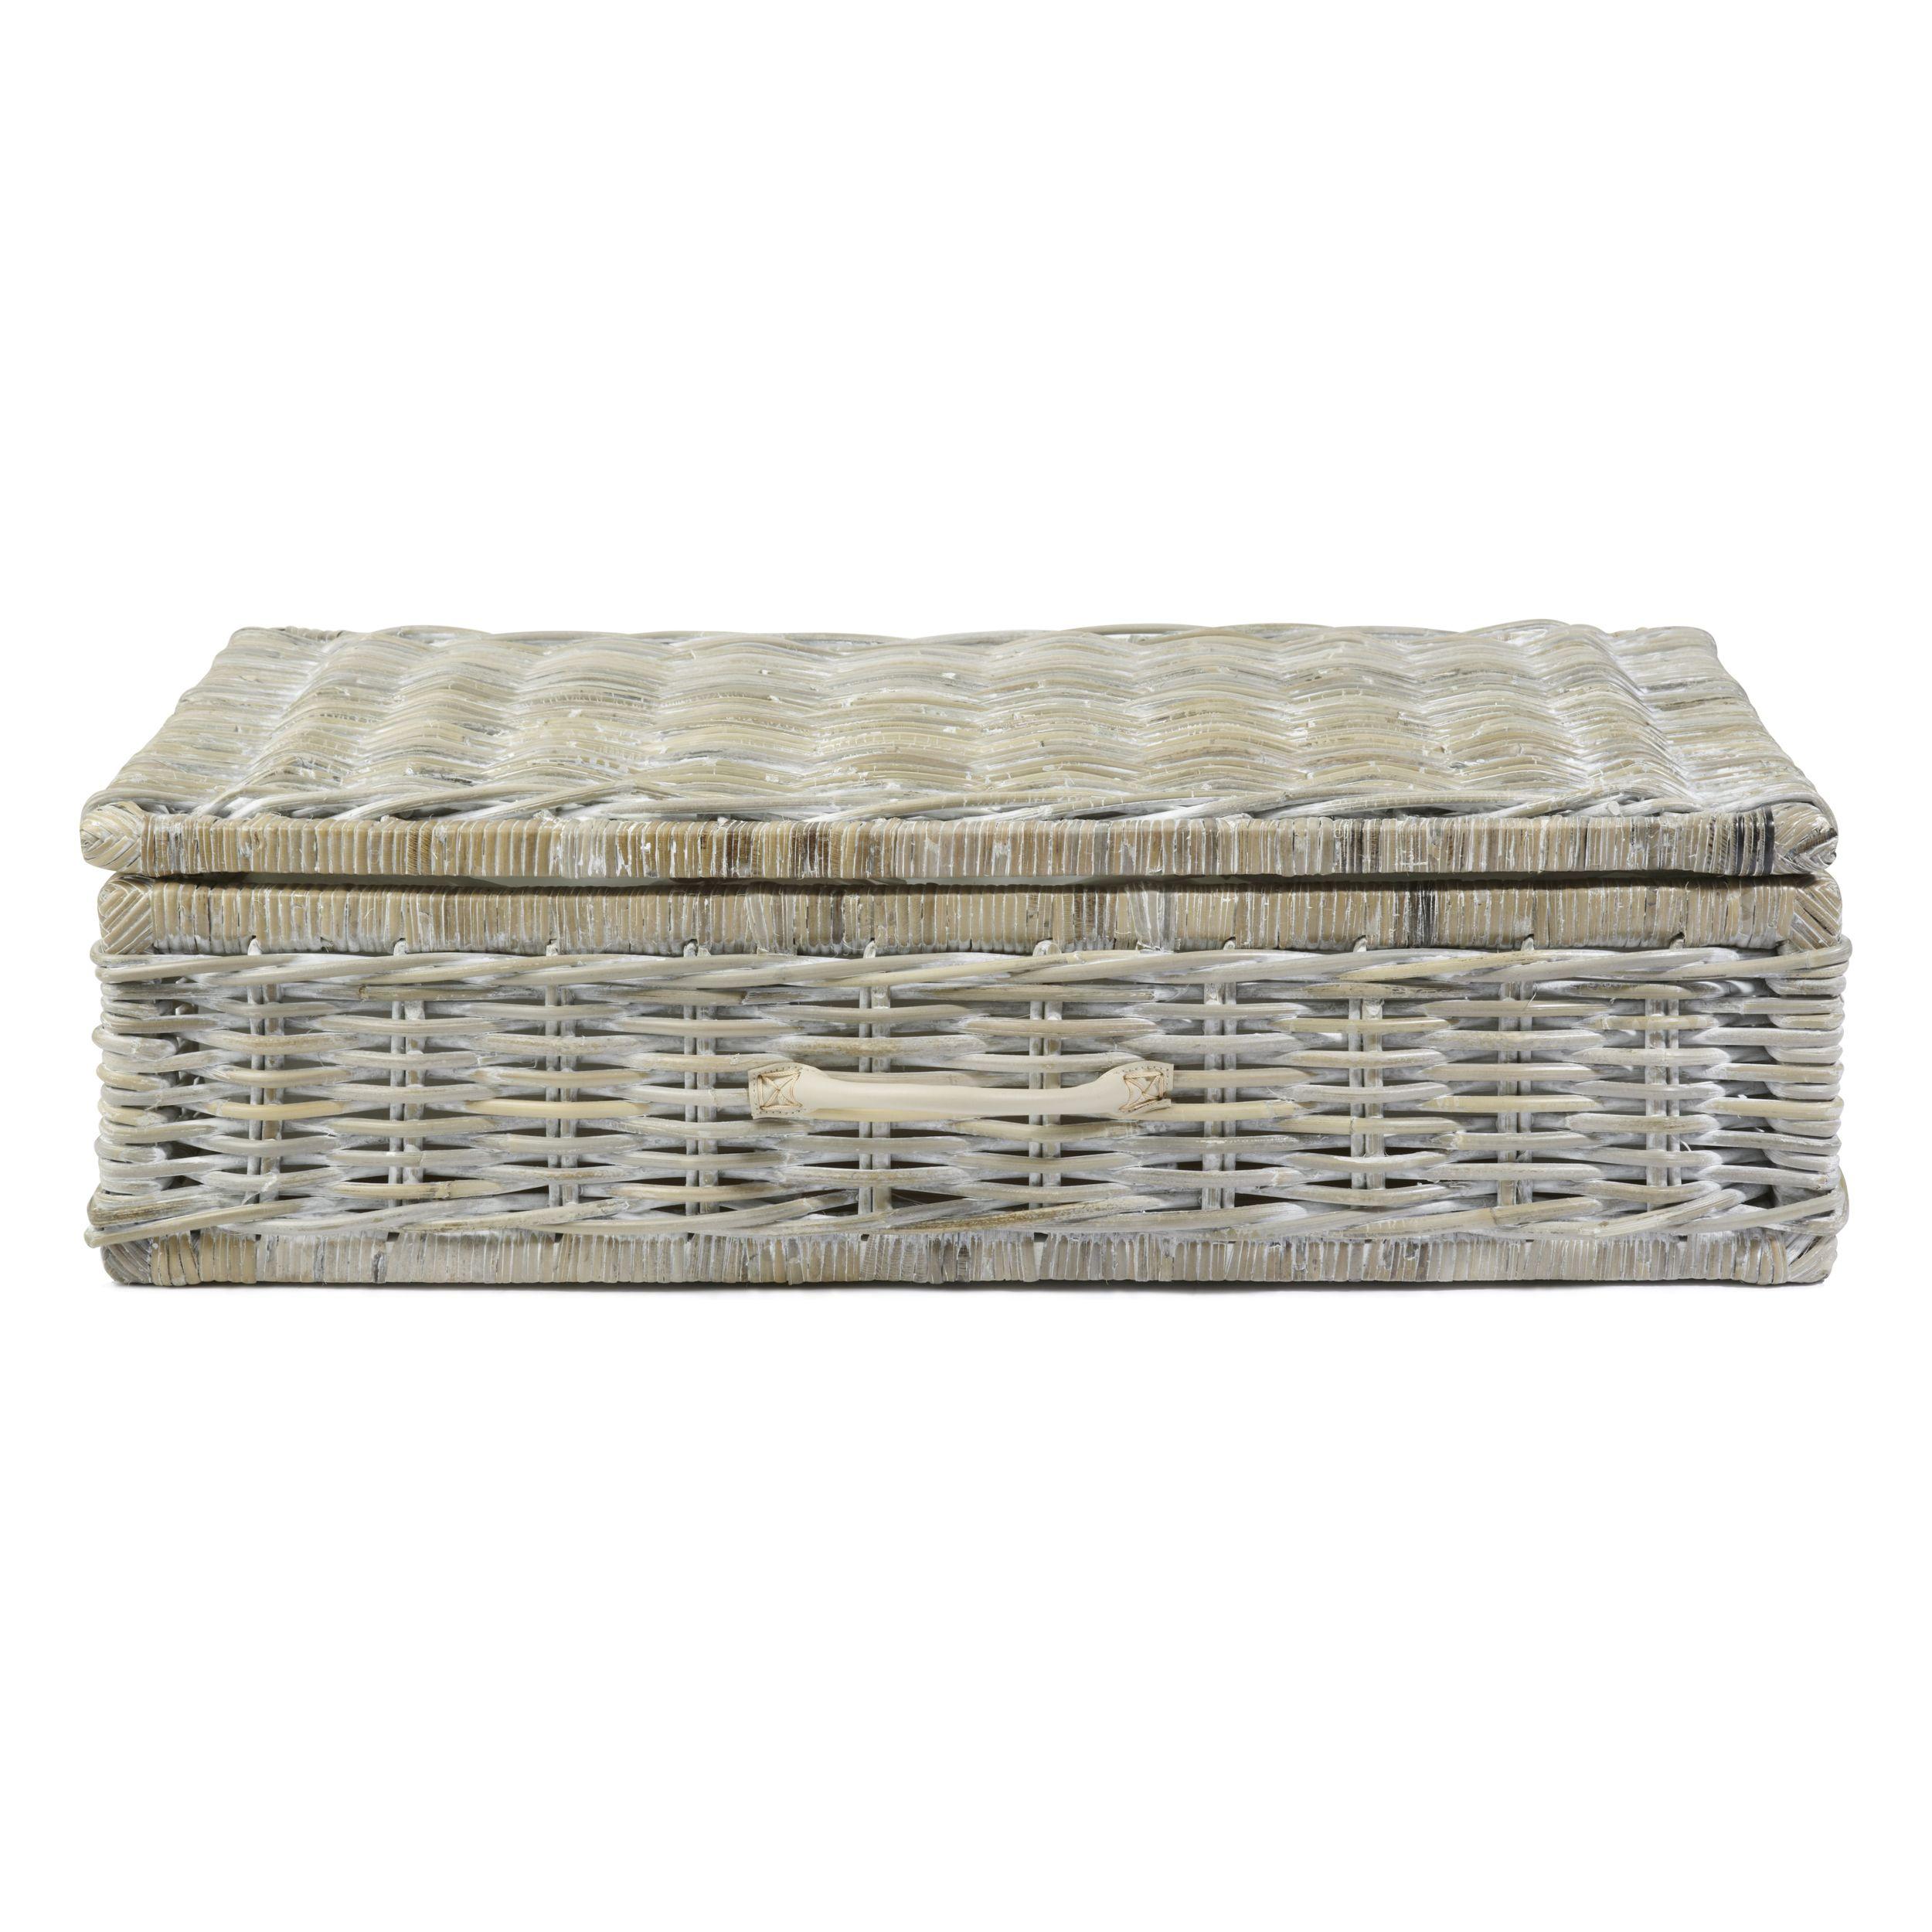 Home underbed storage baskets wicker underbed storage basket - Kubu Underbed Storage Basket